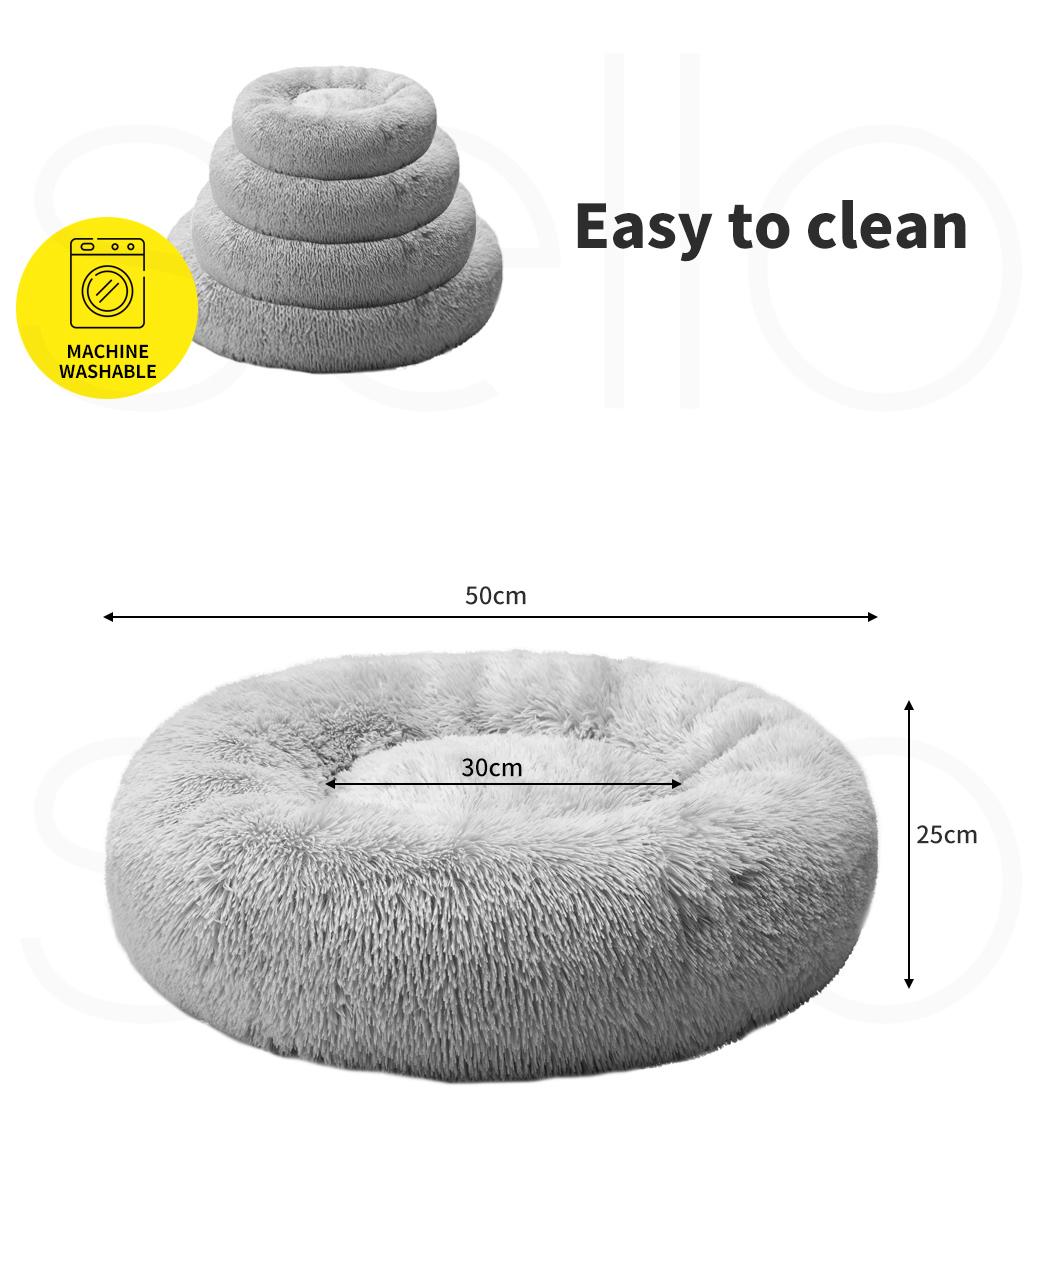 thumbnail 130 - PaWz Pet Bed Cat Dog Donut Nest Calming Mat Soft Plush Kennel Cave Deep Sleeping